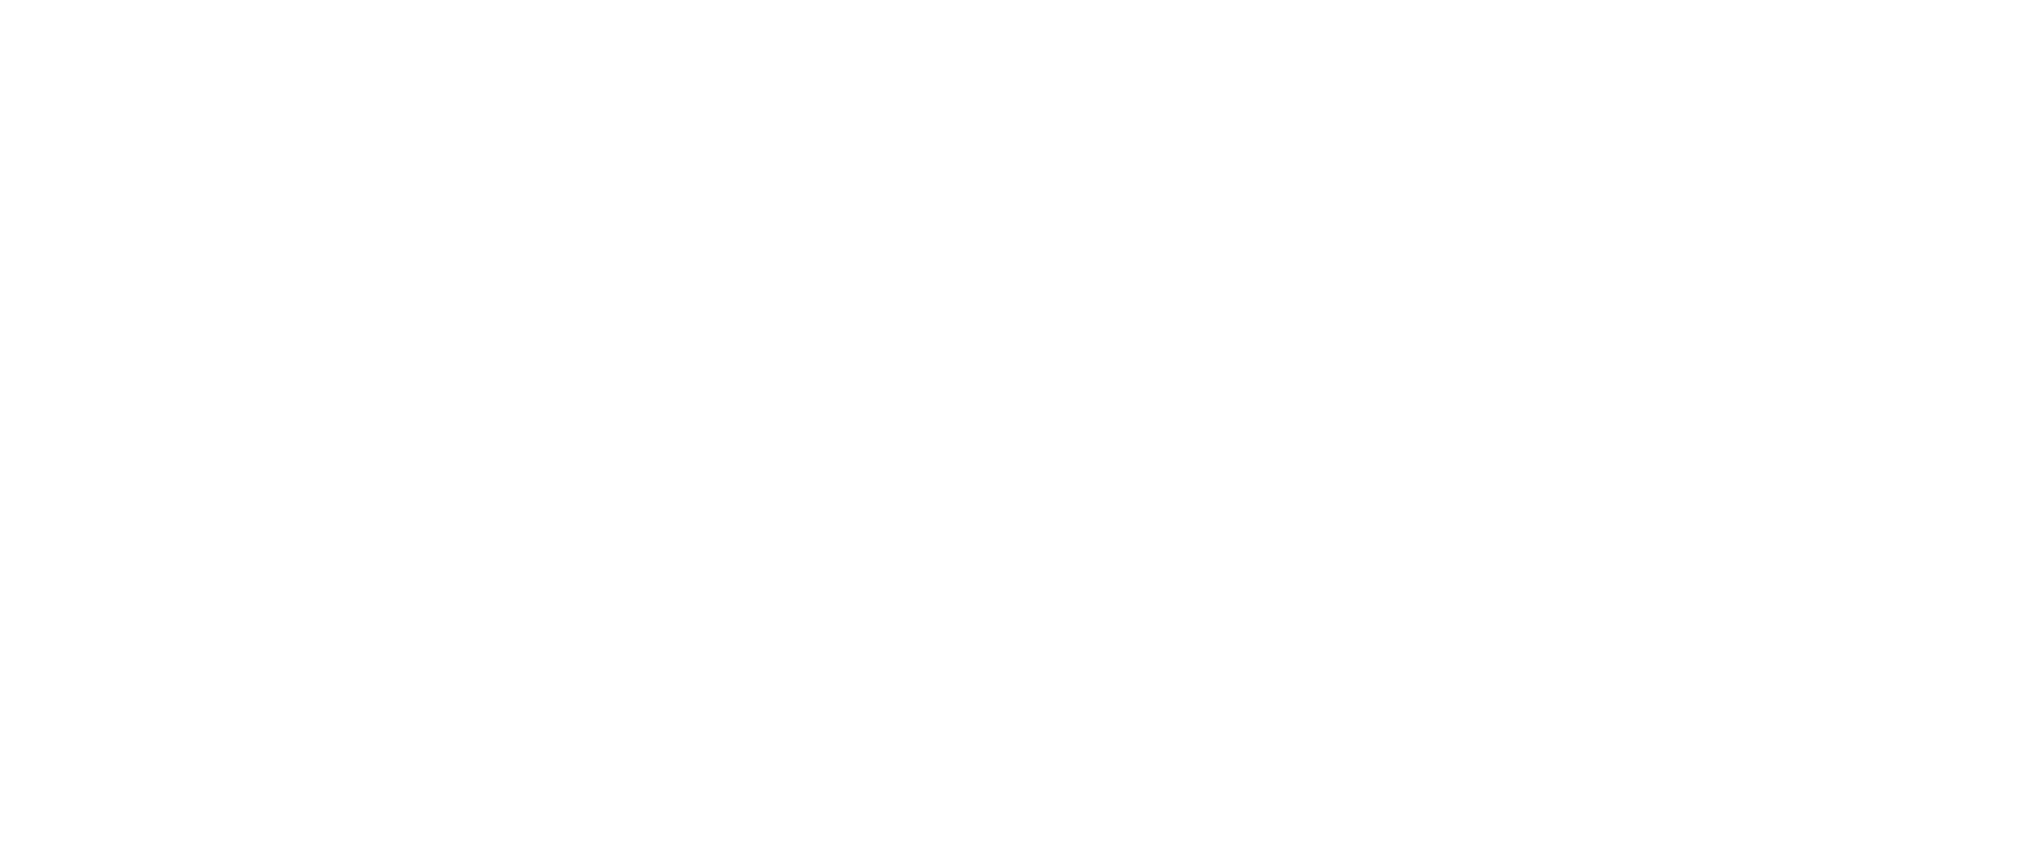 A&Tech